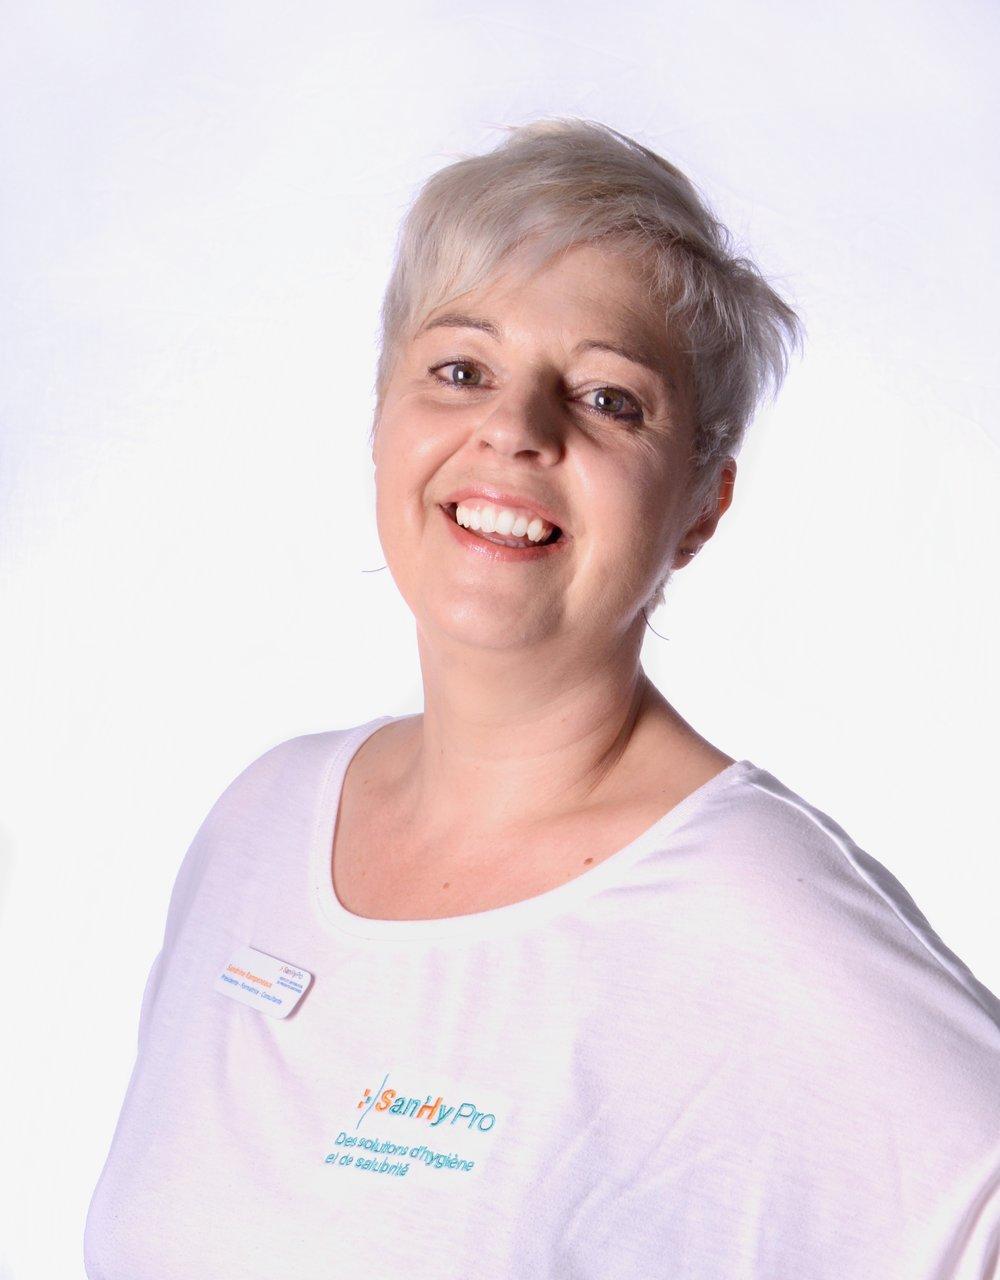 Notre formatrice - Arrivée de Bretagne en 1996, Sandrine Rampeneaux débarque en Gaspésie avec un diplôme en pharmacie et… toute la vie devant elle! En 2004, elle obtient un AEC en Contrôle de la qualité de l'École des pêches et de l'aquaculture du Québec.Grâce à de nombreuses activités de perfectionnement et àdes formations de pointe dans le domaine de la santé des consommateurs et des travailleurs, son expertise estde plus en plus reconnue et recherchée.Pour cette visionnaire qui adore entreprendre et passer àl'action, la suite va de soi. Avant-gardiste, elle crée en 2006 San'hy consulte, un service de consultation et de formation en contrôle de la qualité et sécurité alimentaire. En devançant la règlementation du MAPAQ, qui ne rendra la formation en hygiène et salubrité alimentaire obligatoire que quelques années plus tard, elle fait figure de pionnière dans l'Est-du-Québec et se positionne avantageusement dans l'industrie.En 2010, une deuxième division, San'hy Pro, voit le jour, autour d'un créneau complémentaire, la distribution d'équipements et de produits de nettoyage. Avec l'ajout, en 2016, de services de main-d'oeuvre spécialisée pour le nettoyage et le contrôlequalité, l'offre intégrée de San'hy Pro et San'hy consulte estcomplète et unique au Québec.Aujourd'hui à la tête d'une entreprise en pleine expansioncomptant une vingtaine d'employés, avec des clients partoutau Québec et au Nouveau-Brunswick, Sandrine vient d'agrandir son bâtiment de Port-Daniel-Gascons et travaille à l'obtentiondu processus ISO 9001.